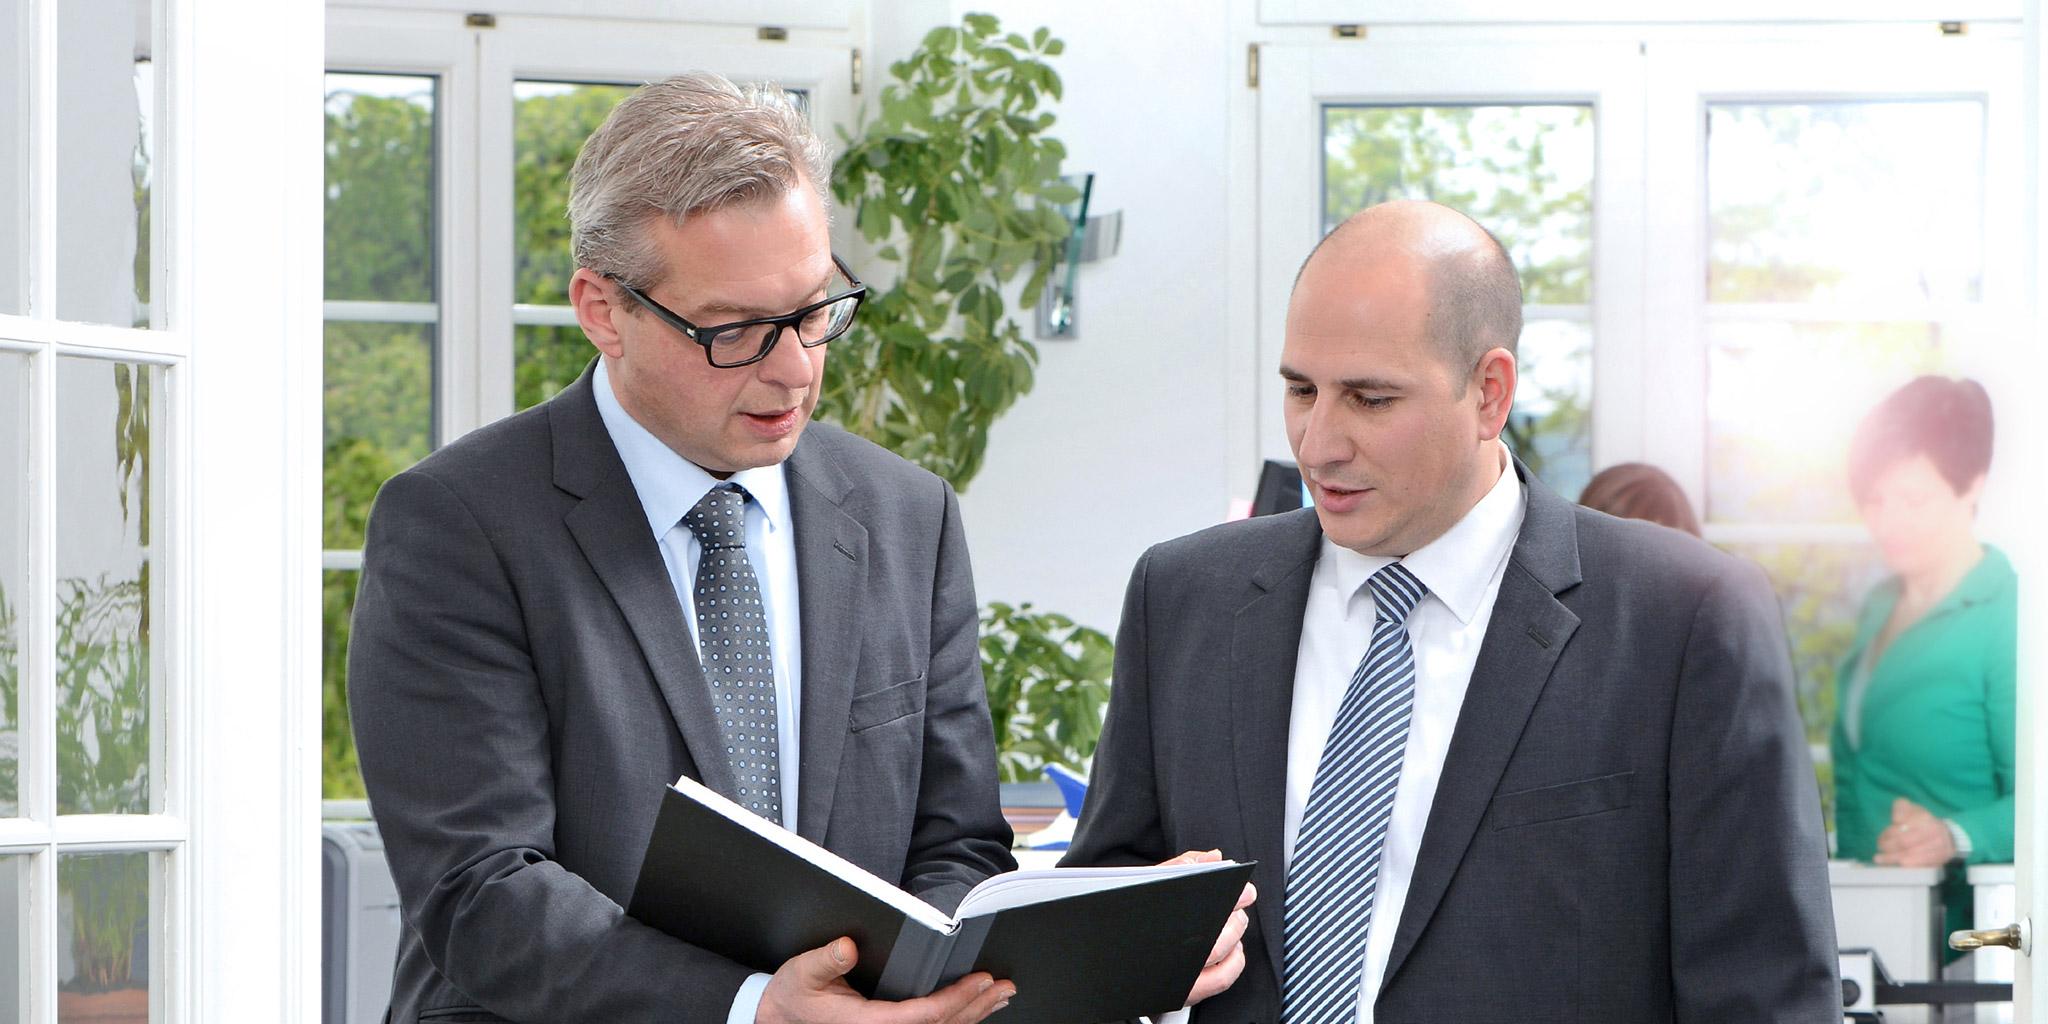 Dr. Harder & Kollegen - Dr. Thomas Harder & Markus Fueeß, Steuerberater aus Stuttgart